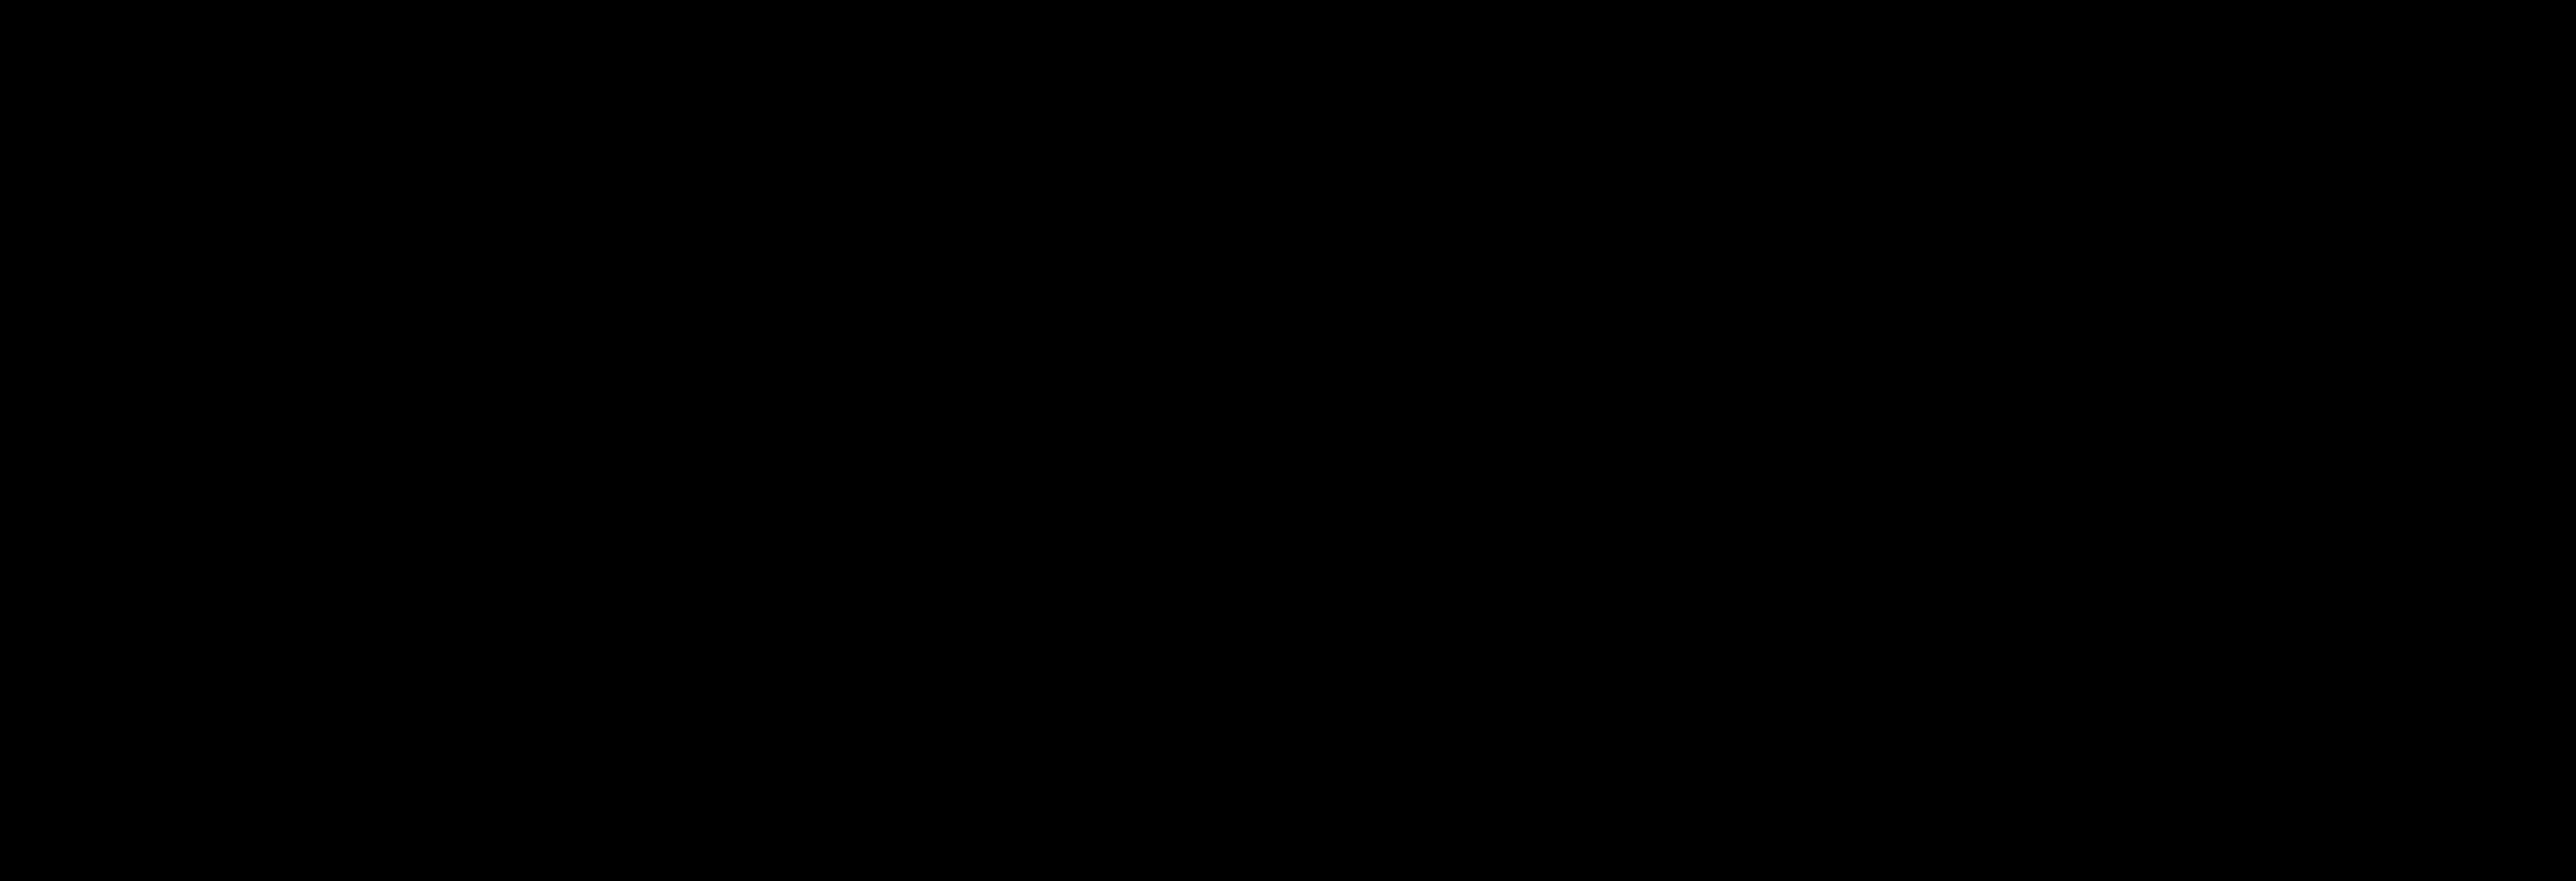 rocketlabs1-1